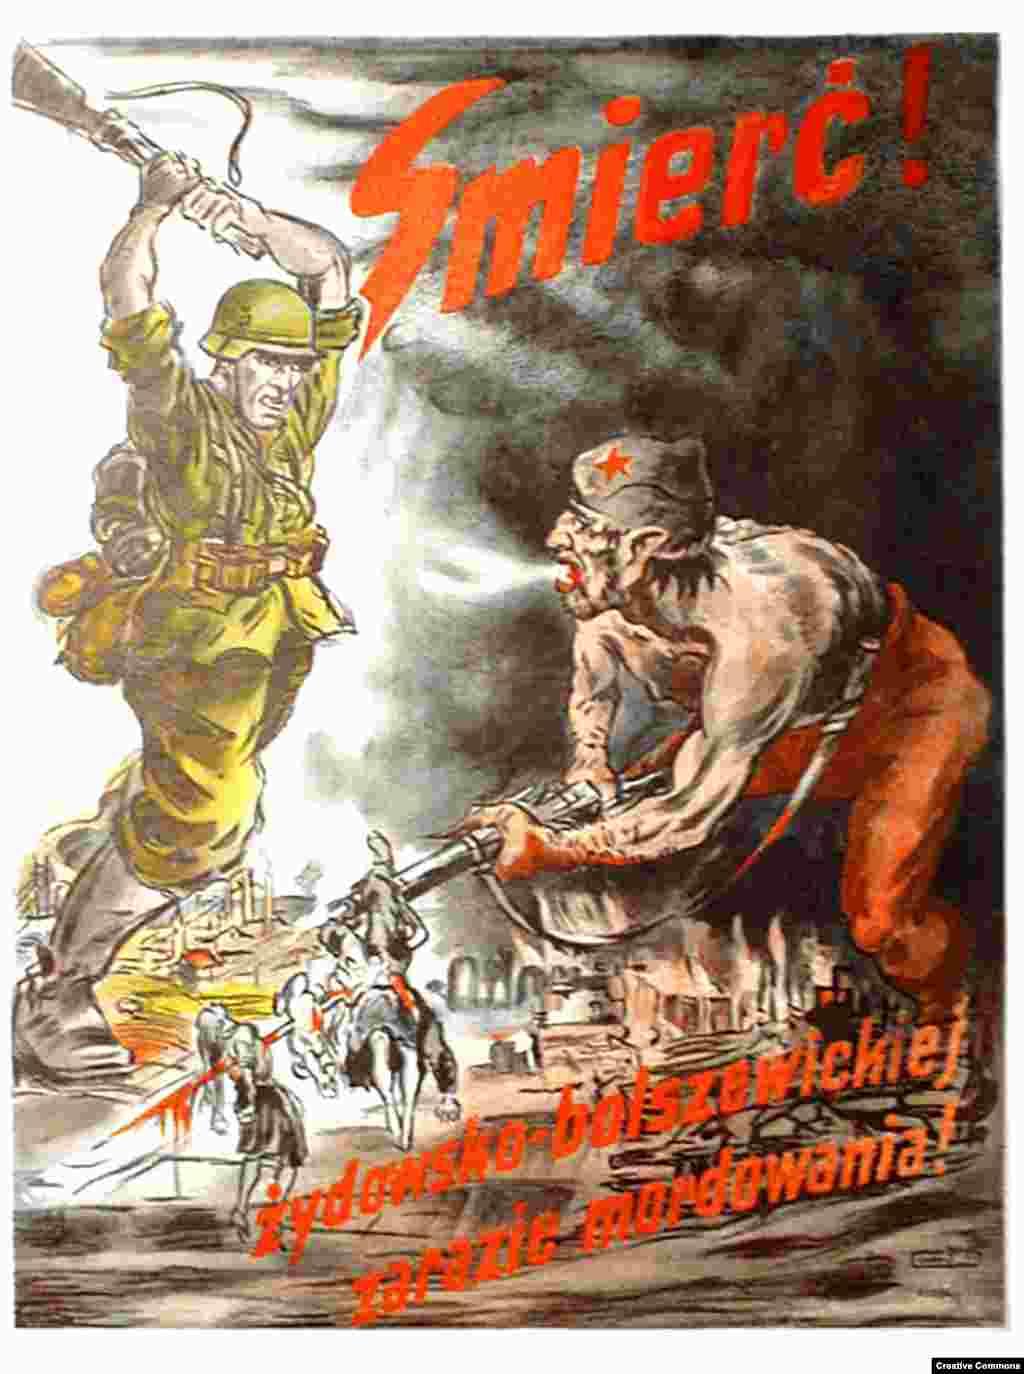 """Нацистский пропагандистский плакат со словали """"смерть еврейско-большевистской эпидемии убийств"""". Украинцы погибали не только от рук сталинского НКВД, но и от искусственно порожденного голода - голодомора. Нацистская пропаганда умело подогревала и так присутствующие в украинских националистических движениях антисемитские настроения."""